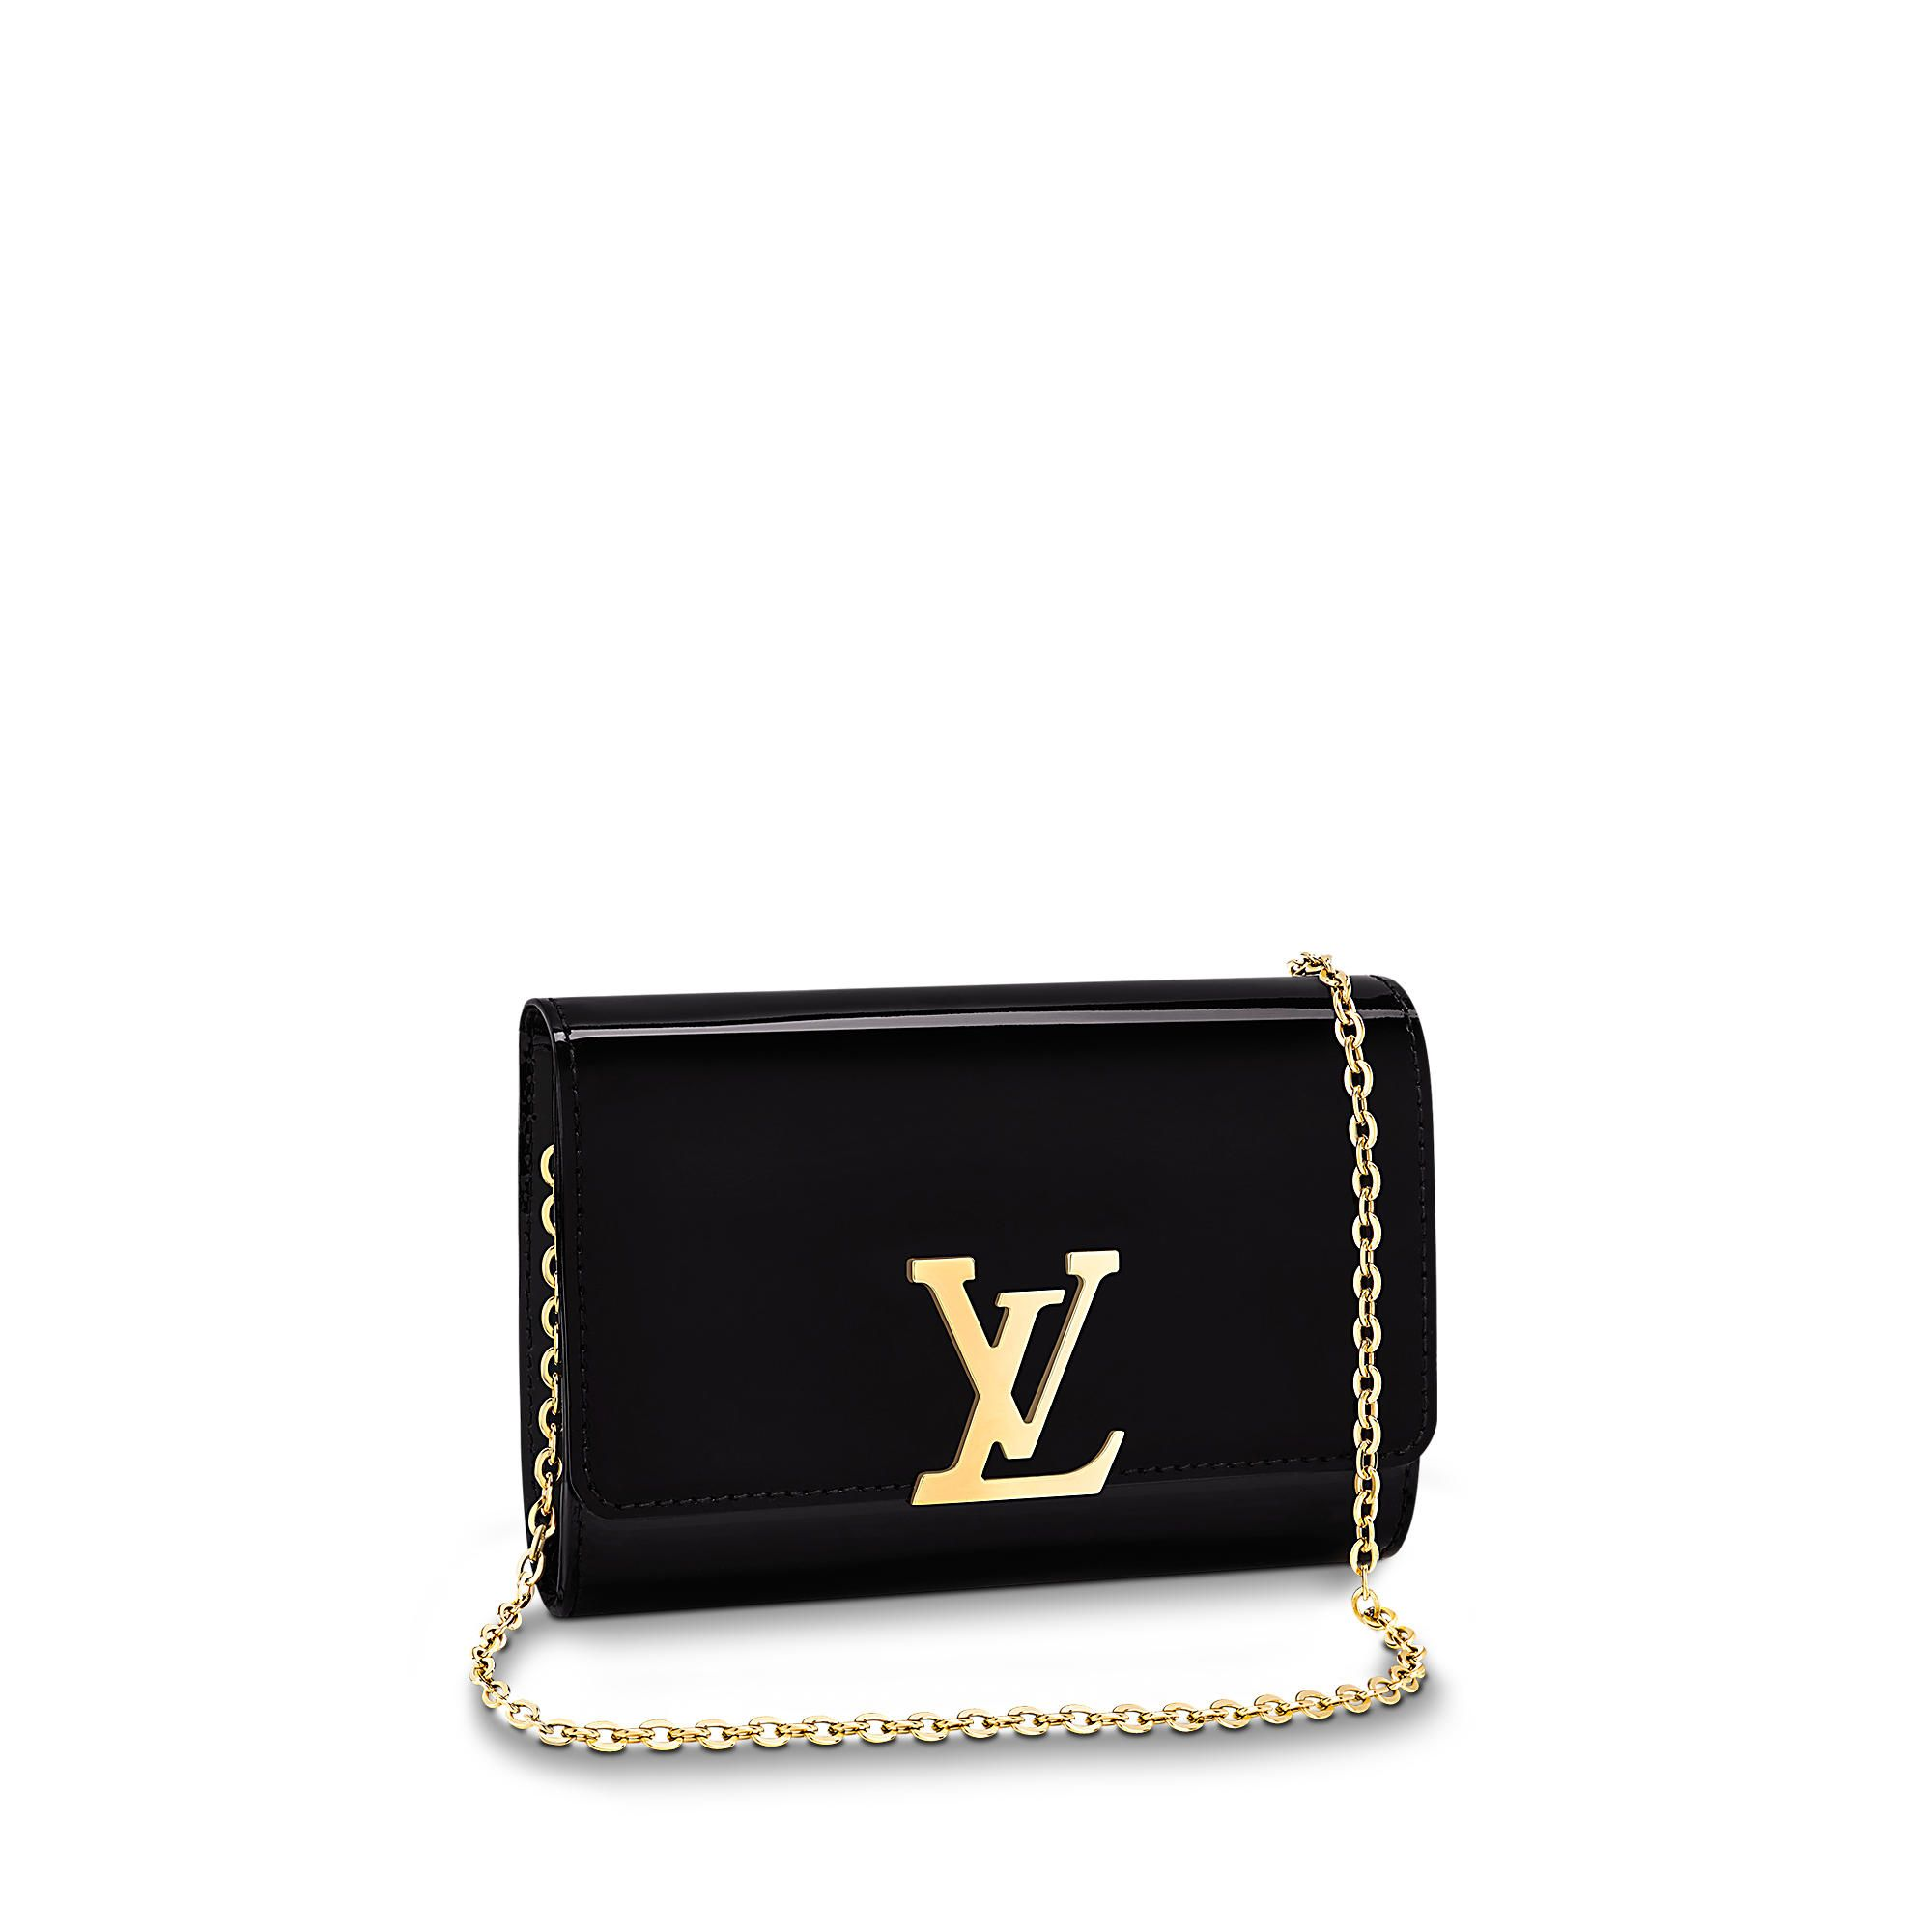 fde9960e6b53 Louis Vuitton CHAIN LOUISE PM (Red)  2